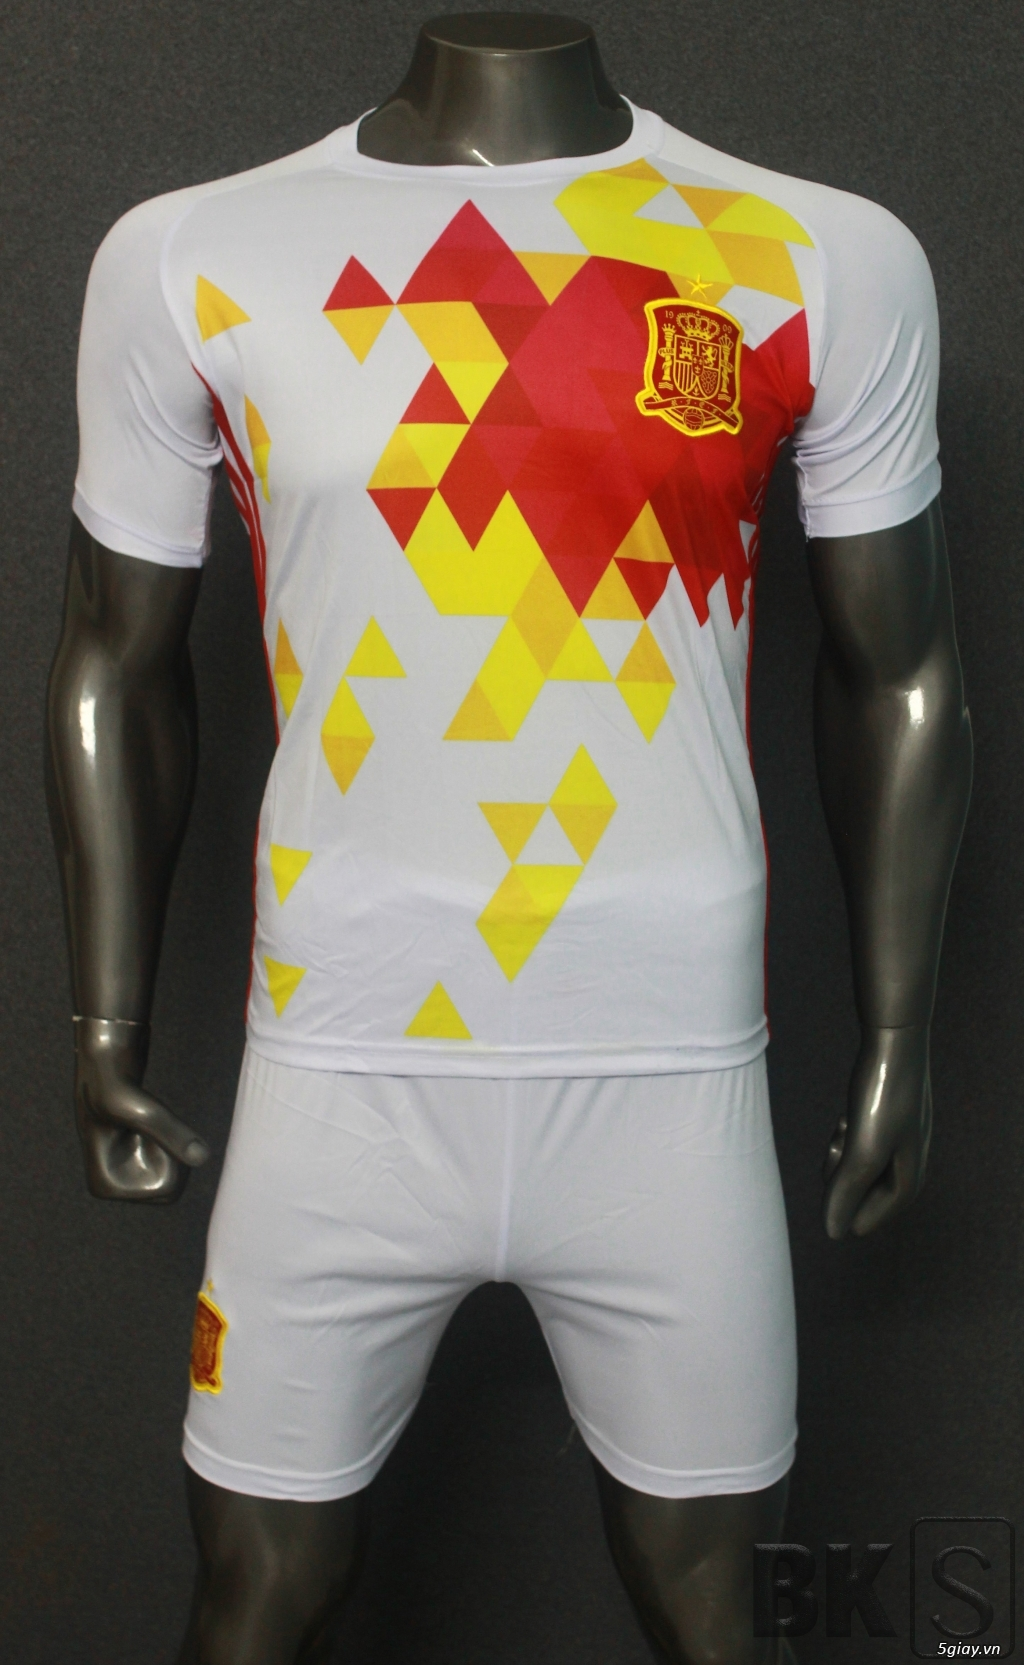 Áo bóng đá HP-địa chỉ gốc sản xuất trang phục thể thao số 1 Việt Nam - 30